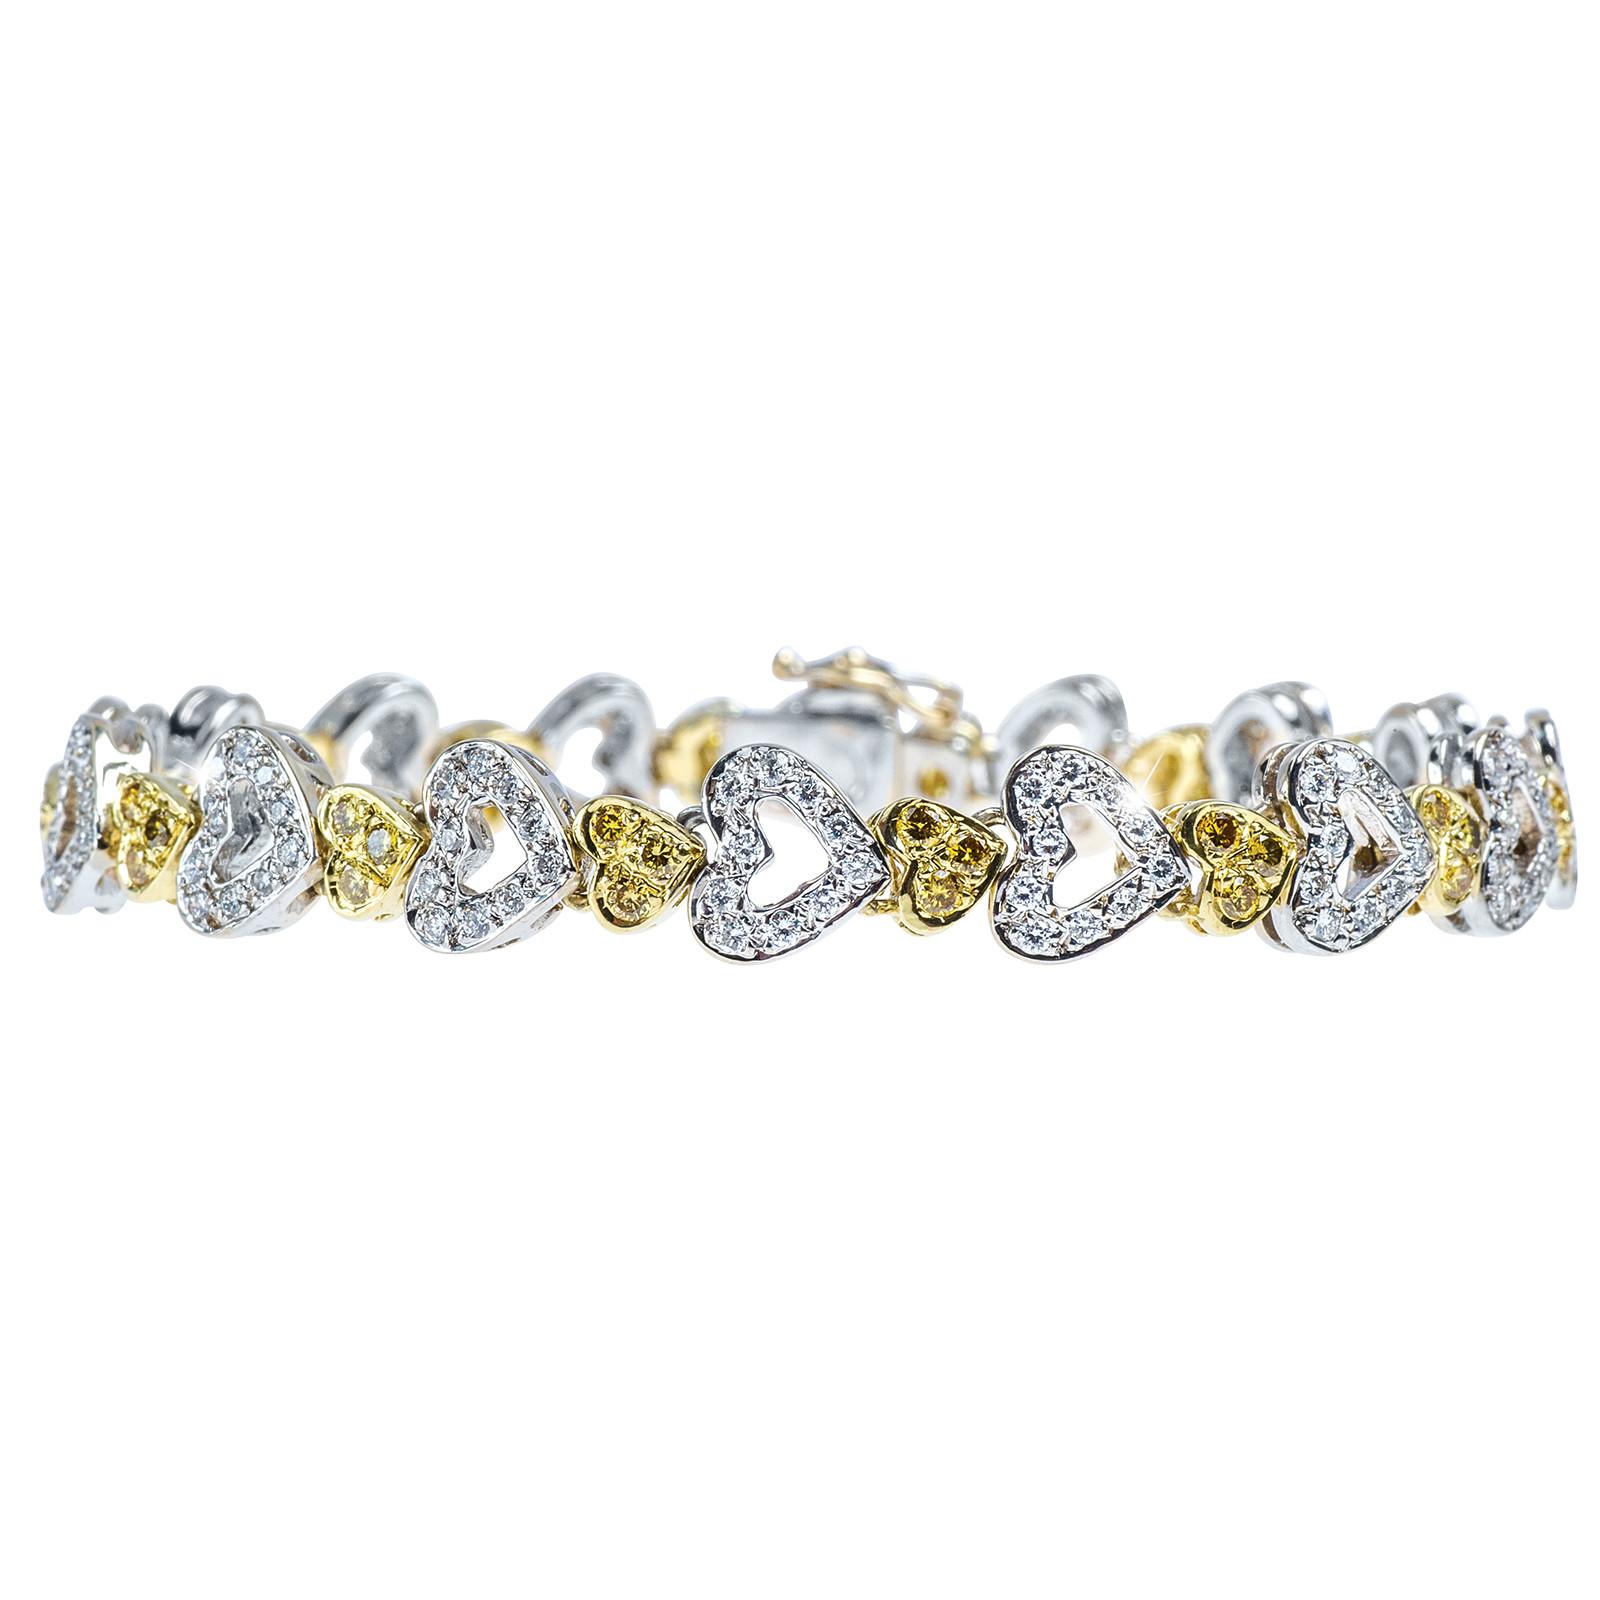 Vintage 1.85 CTW Yellow & White Diamond Bracelet